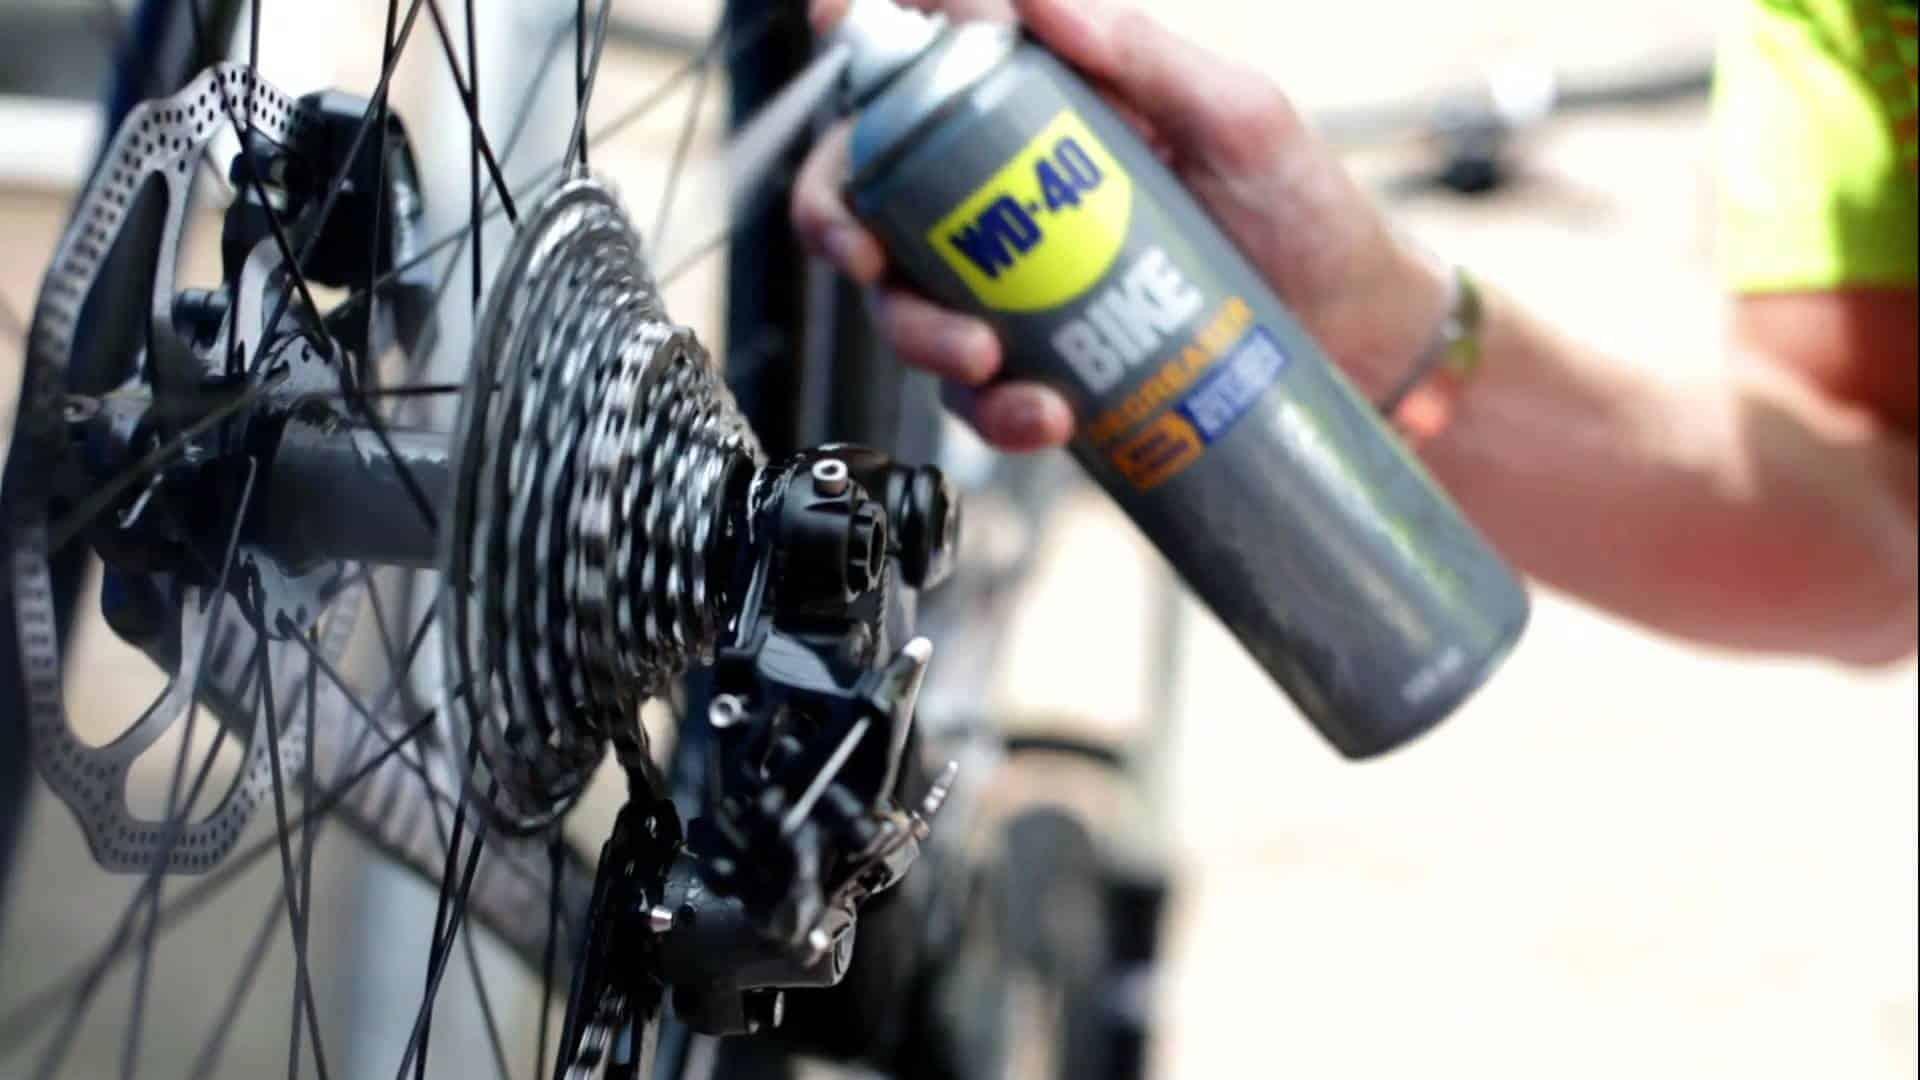 Kettenreiniger fahrradkette